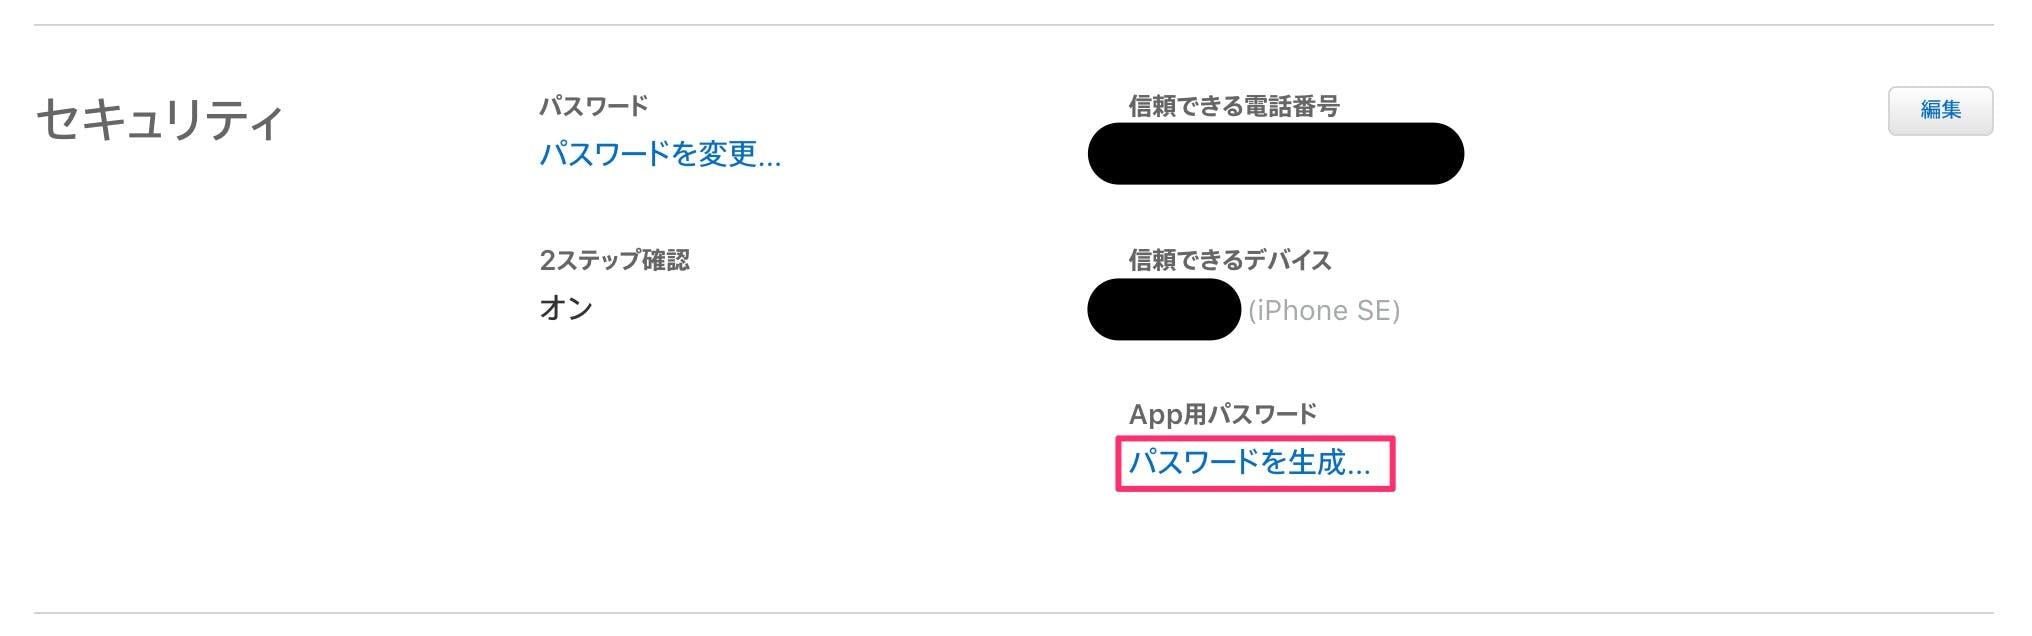 スクリーンショット_2019-09-04_14_38_54.jpg